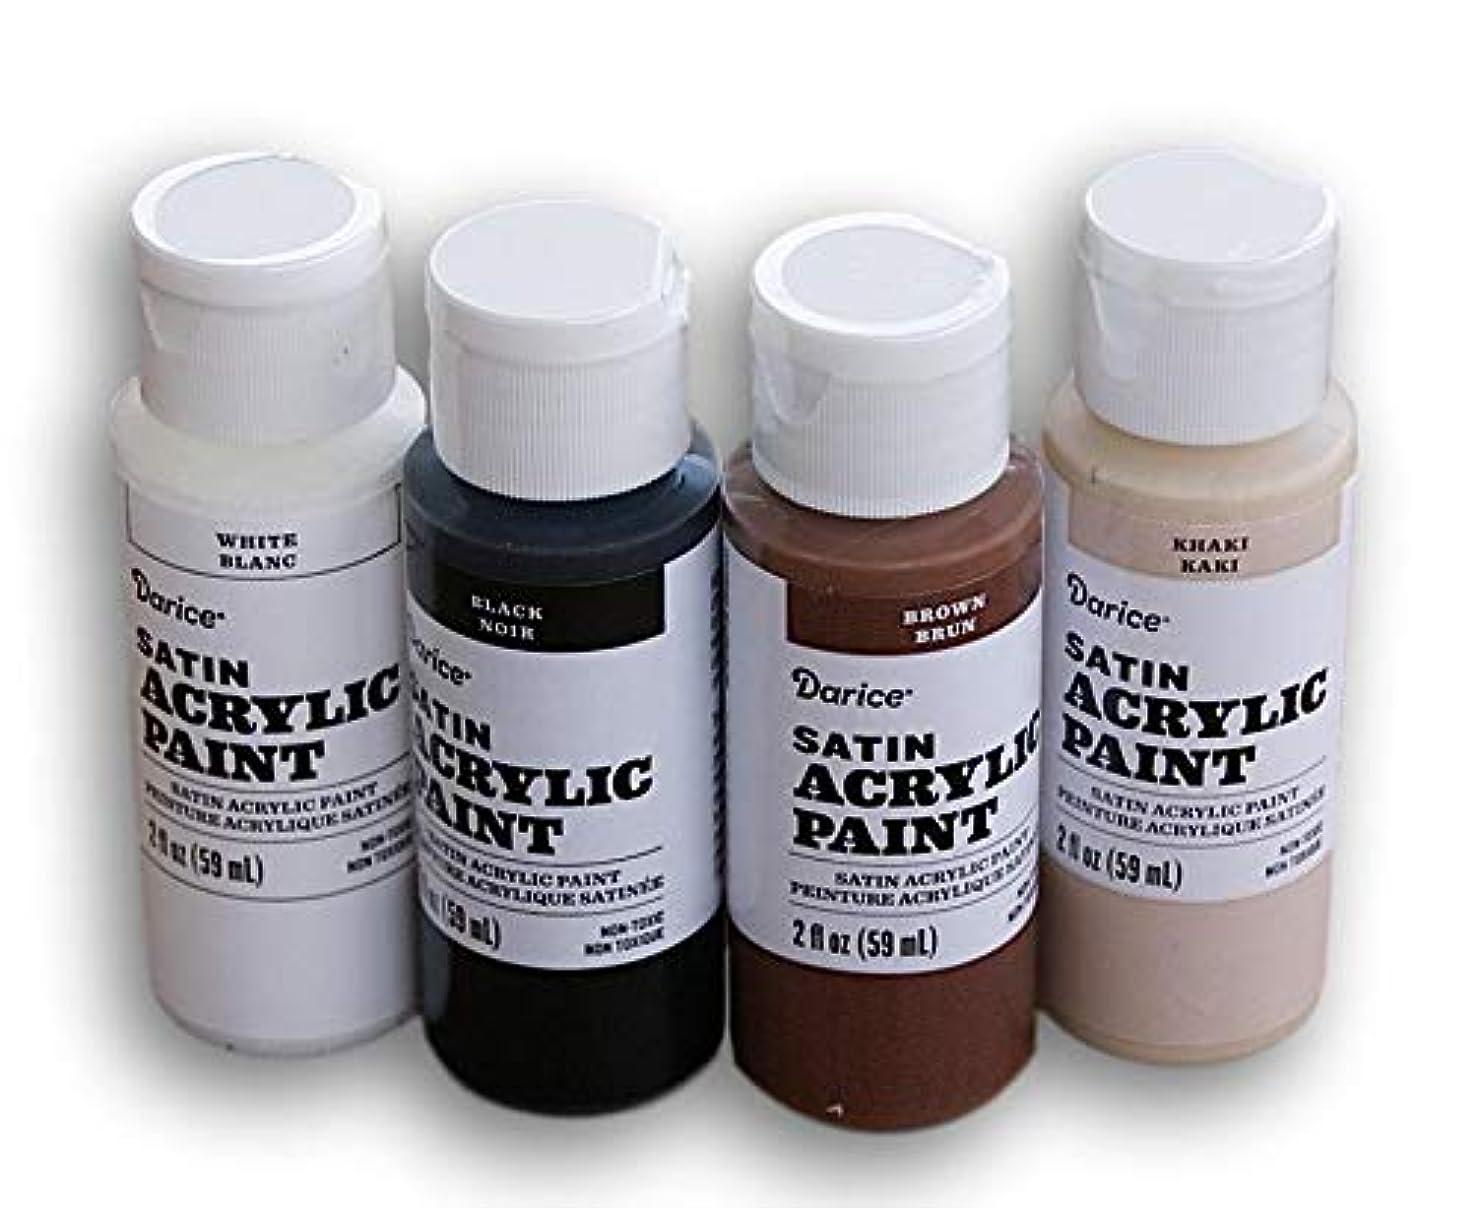 Satin Acrylic Paint Set - Black, Brown, Khaki, and White